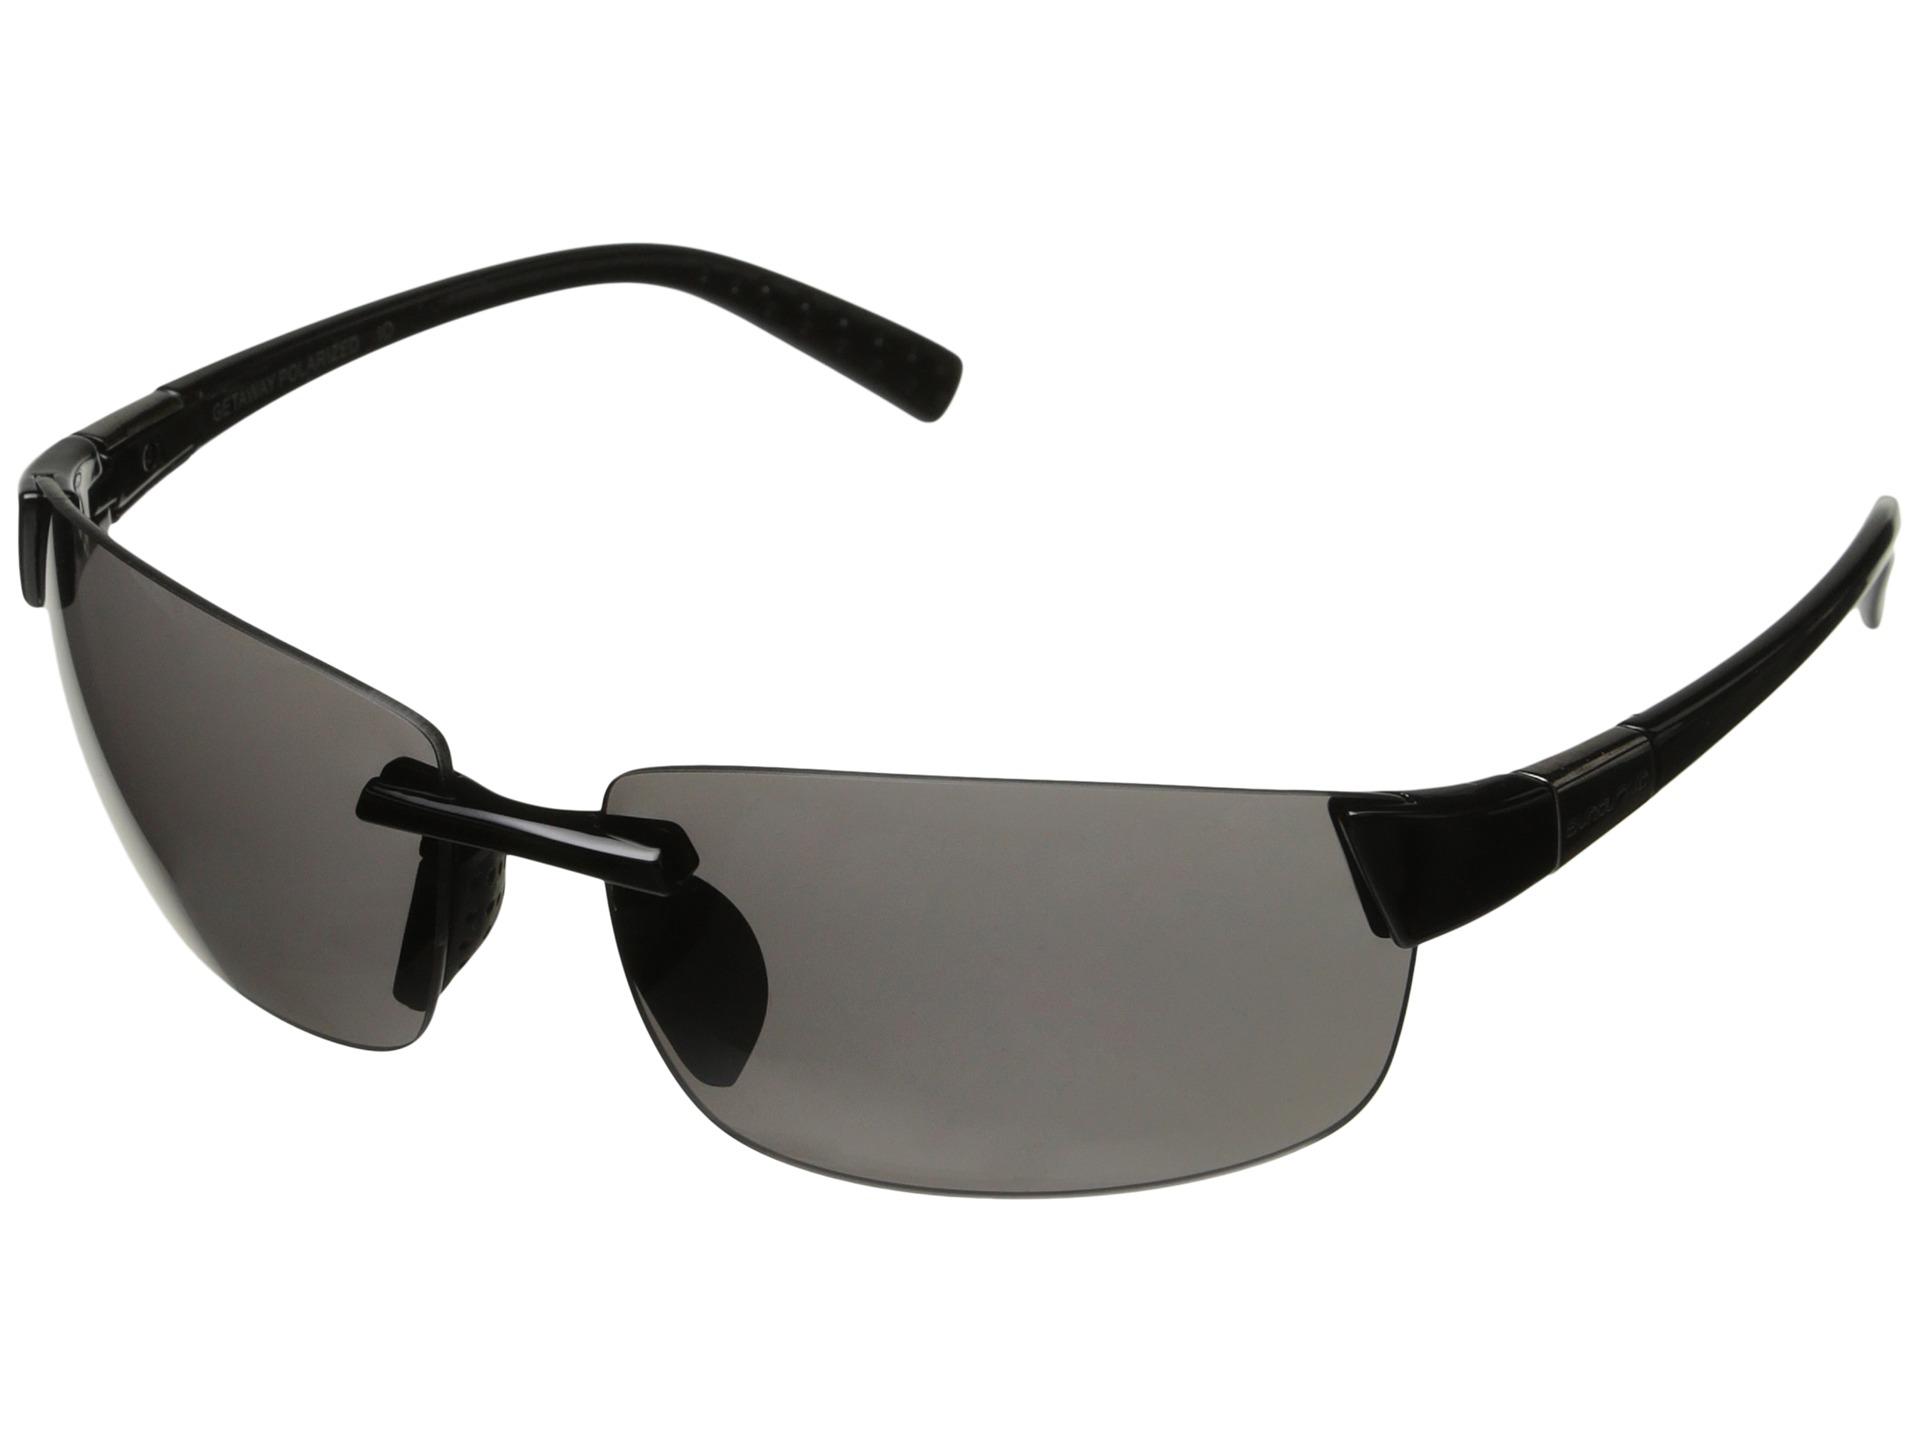 53767bab8d5 Suncloud Sunglasses Review